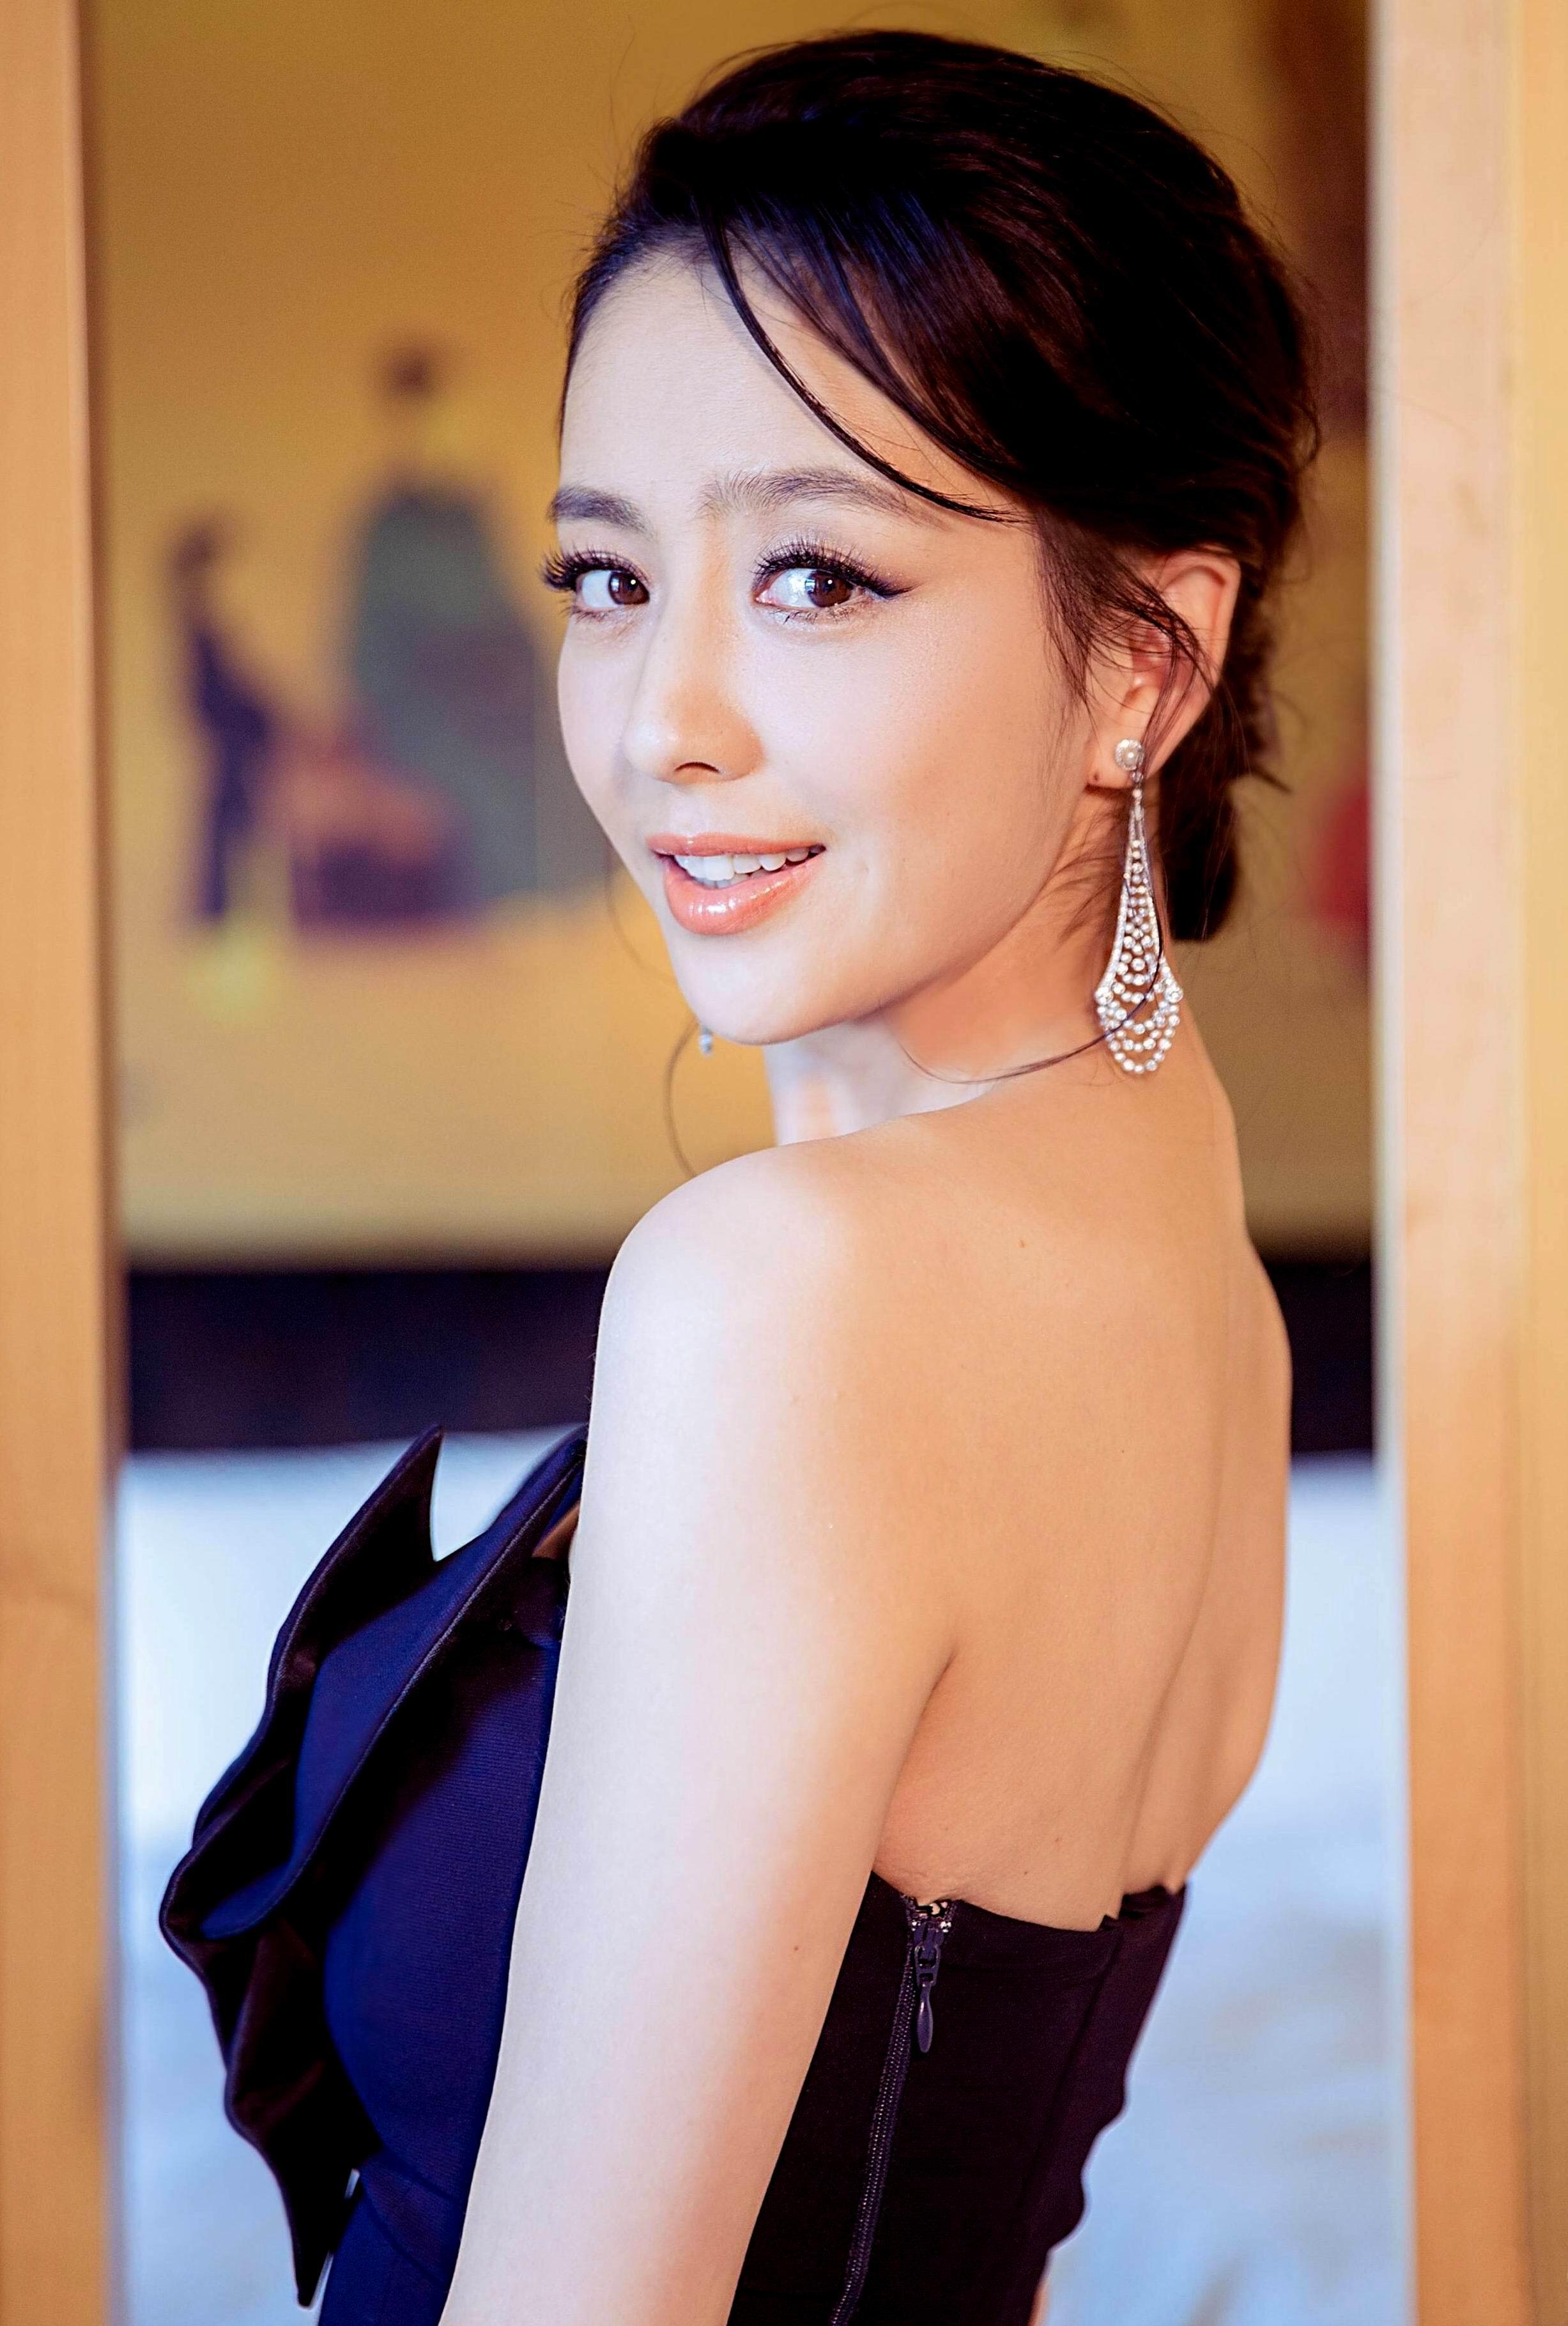 新疆第一美女明星不是迪丽热巴?新疆第一美女居然是不起眼的她?